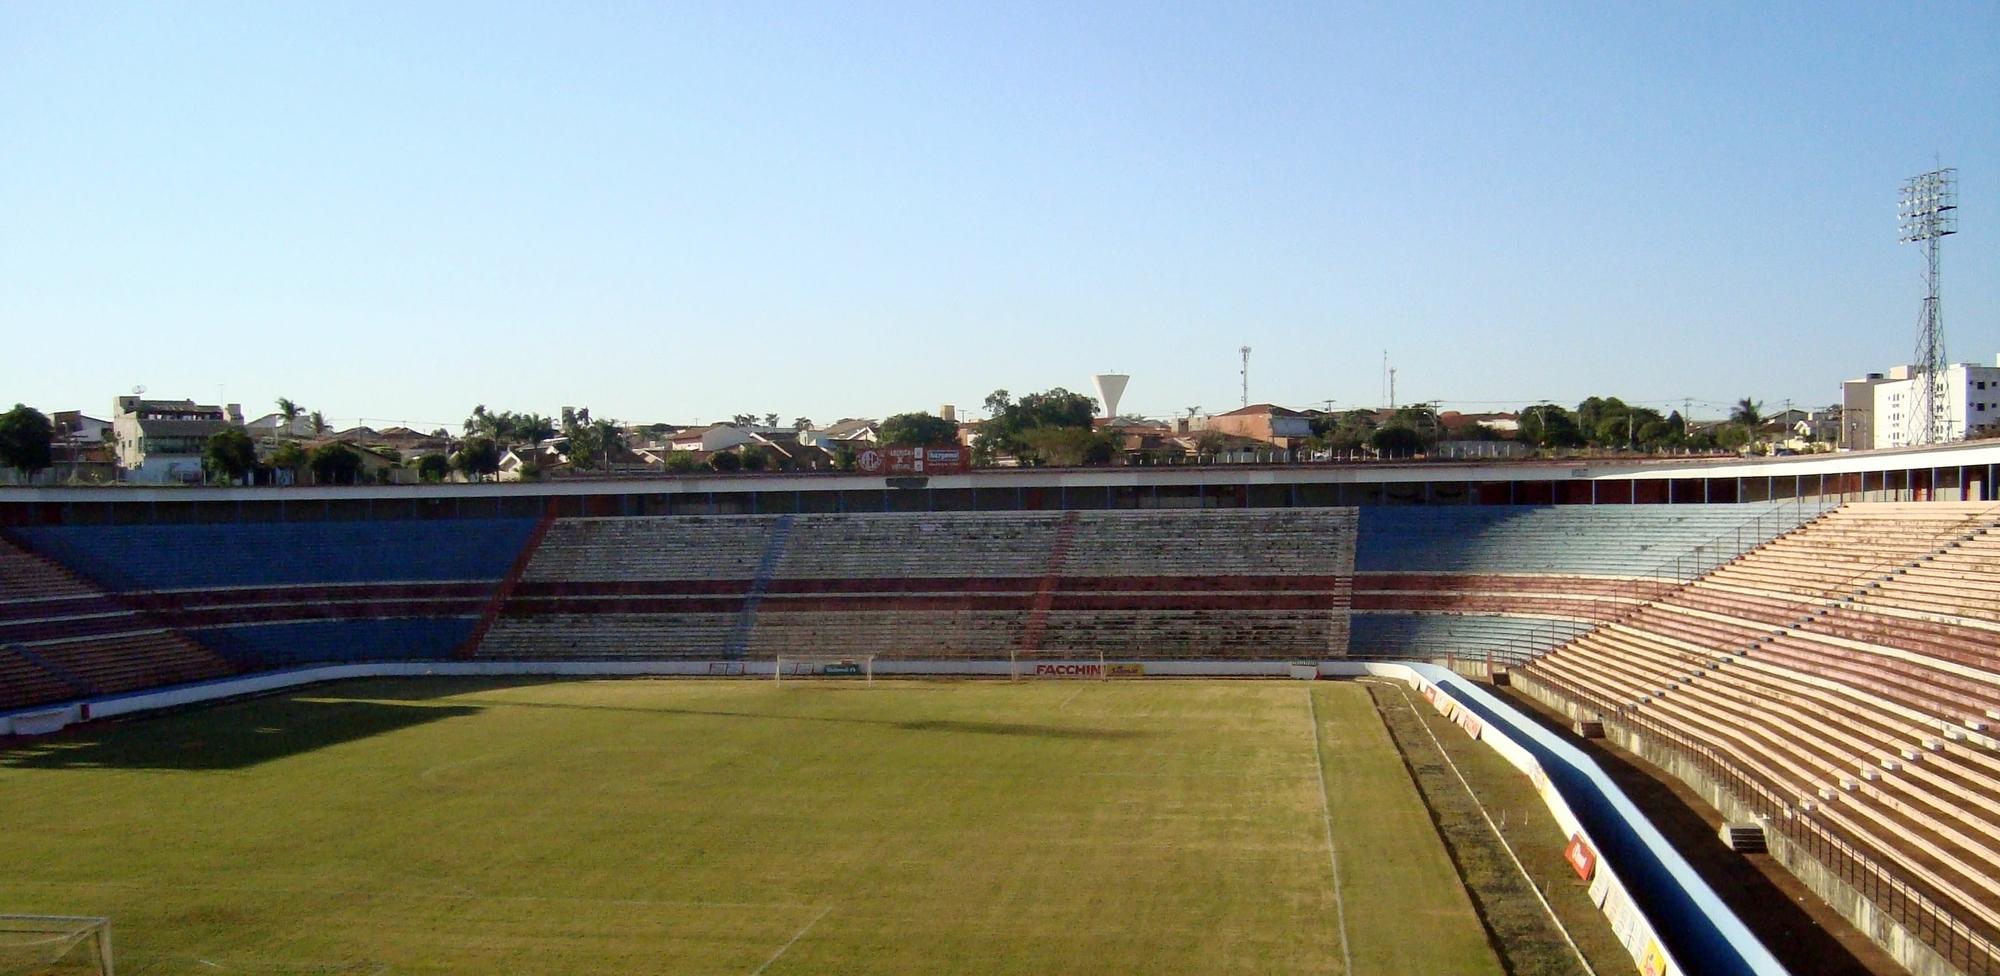 Santos e RB Brasil será em Rio Preto e ingressos estarão à venda ... - Globo.com